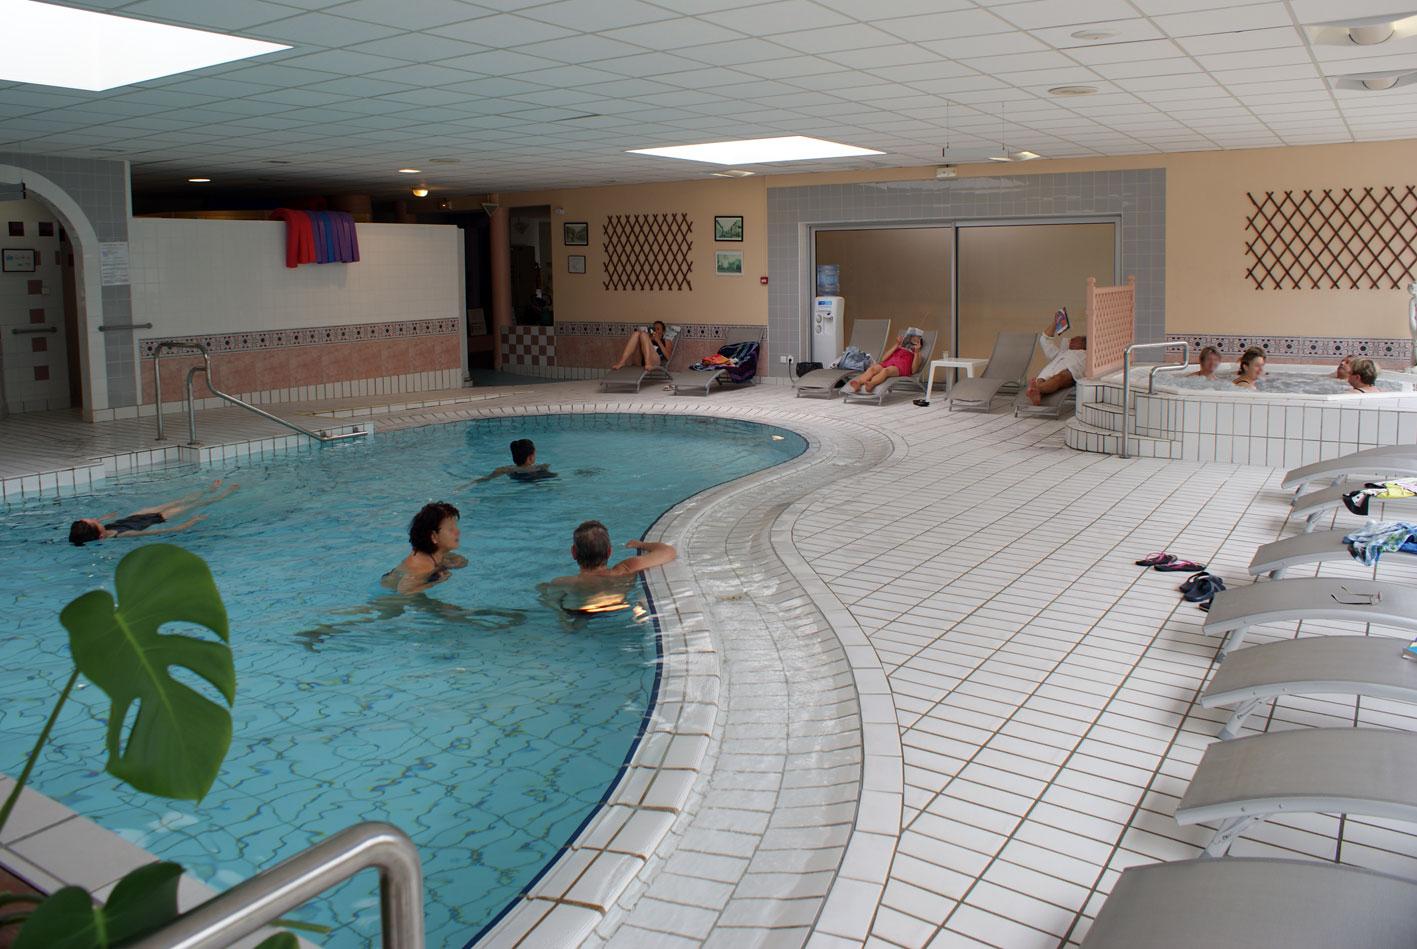 L'espace Détente - Communauté De Communes Chinon Vienne Loire concernant Piscine Avoine